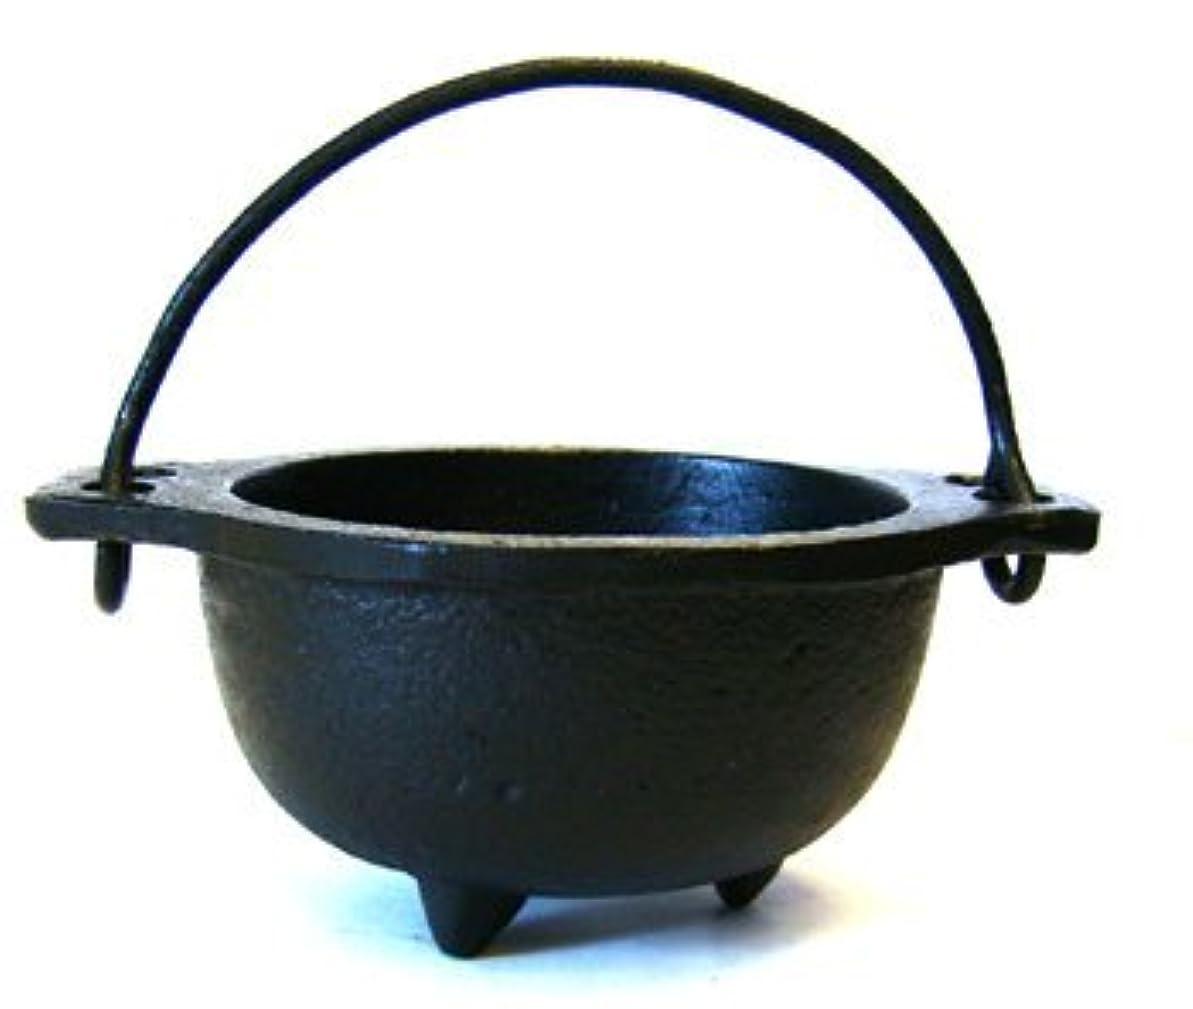 絶妙不幸熱意(6.4cm Diameter) - Cast Iron Cauldron w/handle, ideal for smudging, incense burning, ritual purpose, decoration...